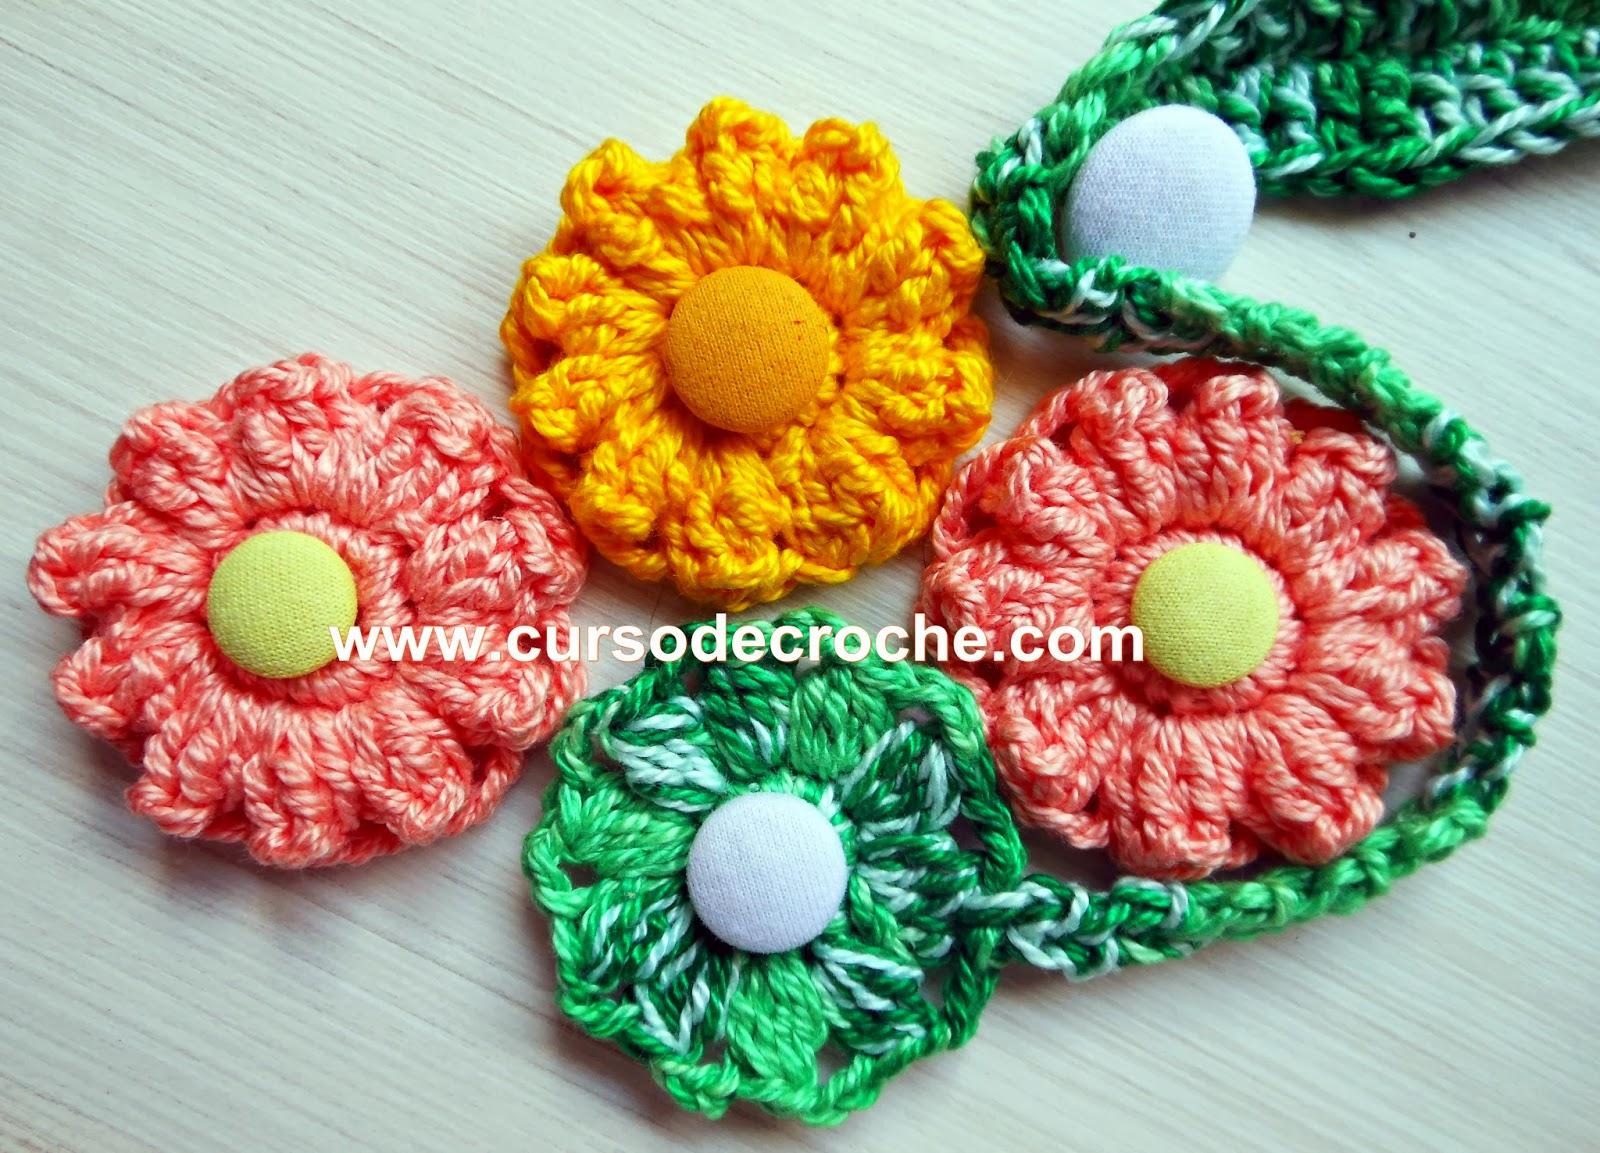 flores em croche 056 ponto pipoca do dvd flores em croche com frete gratis na loja curso de croche com Edinir-Croche